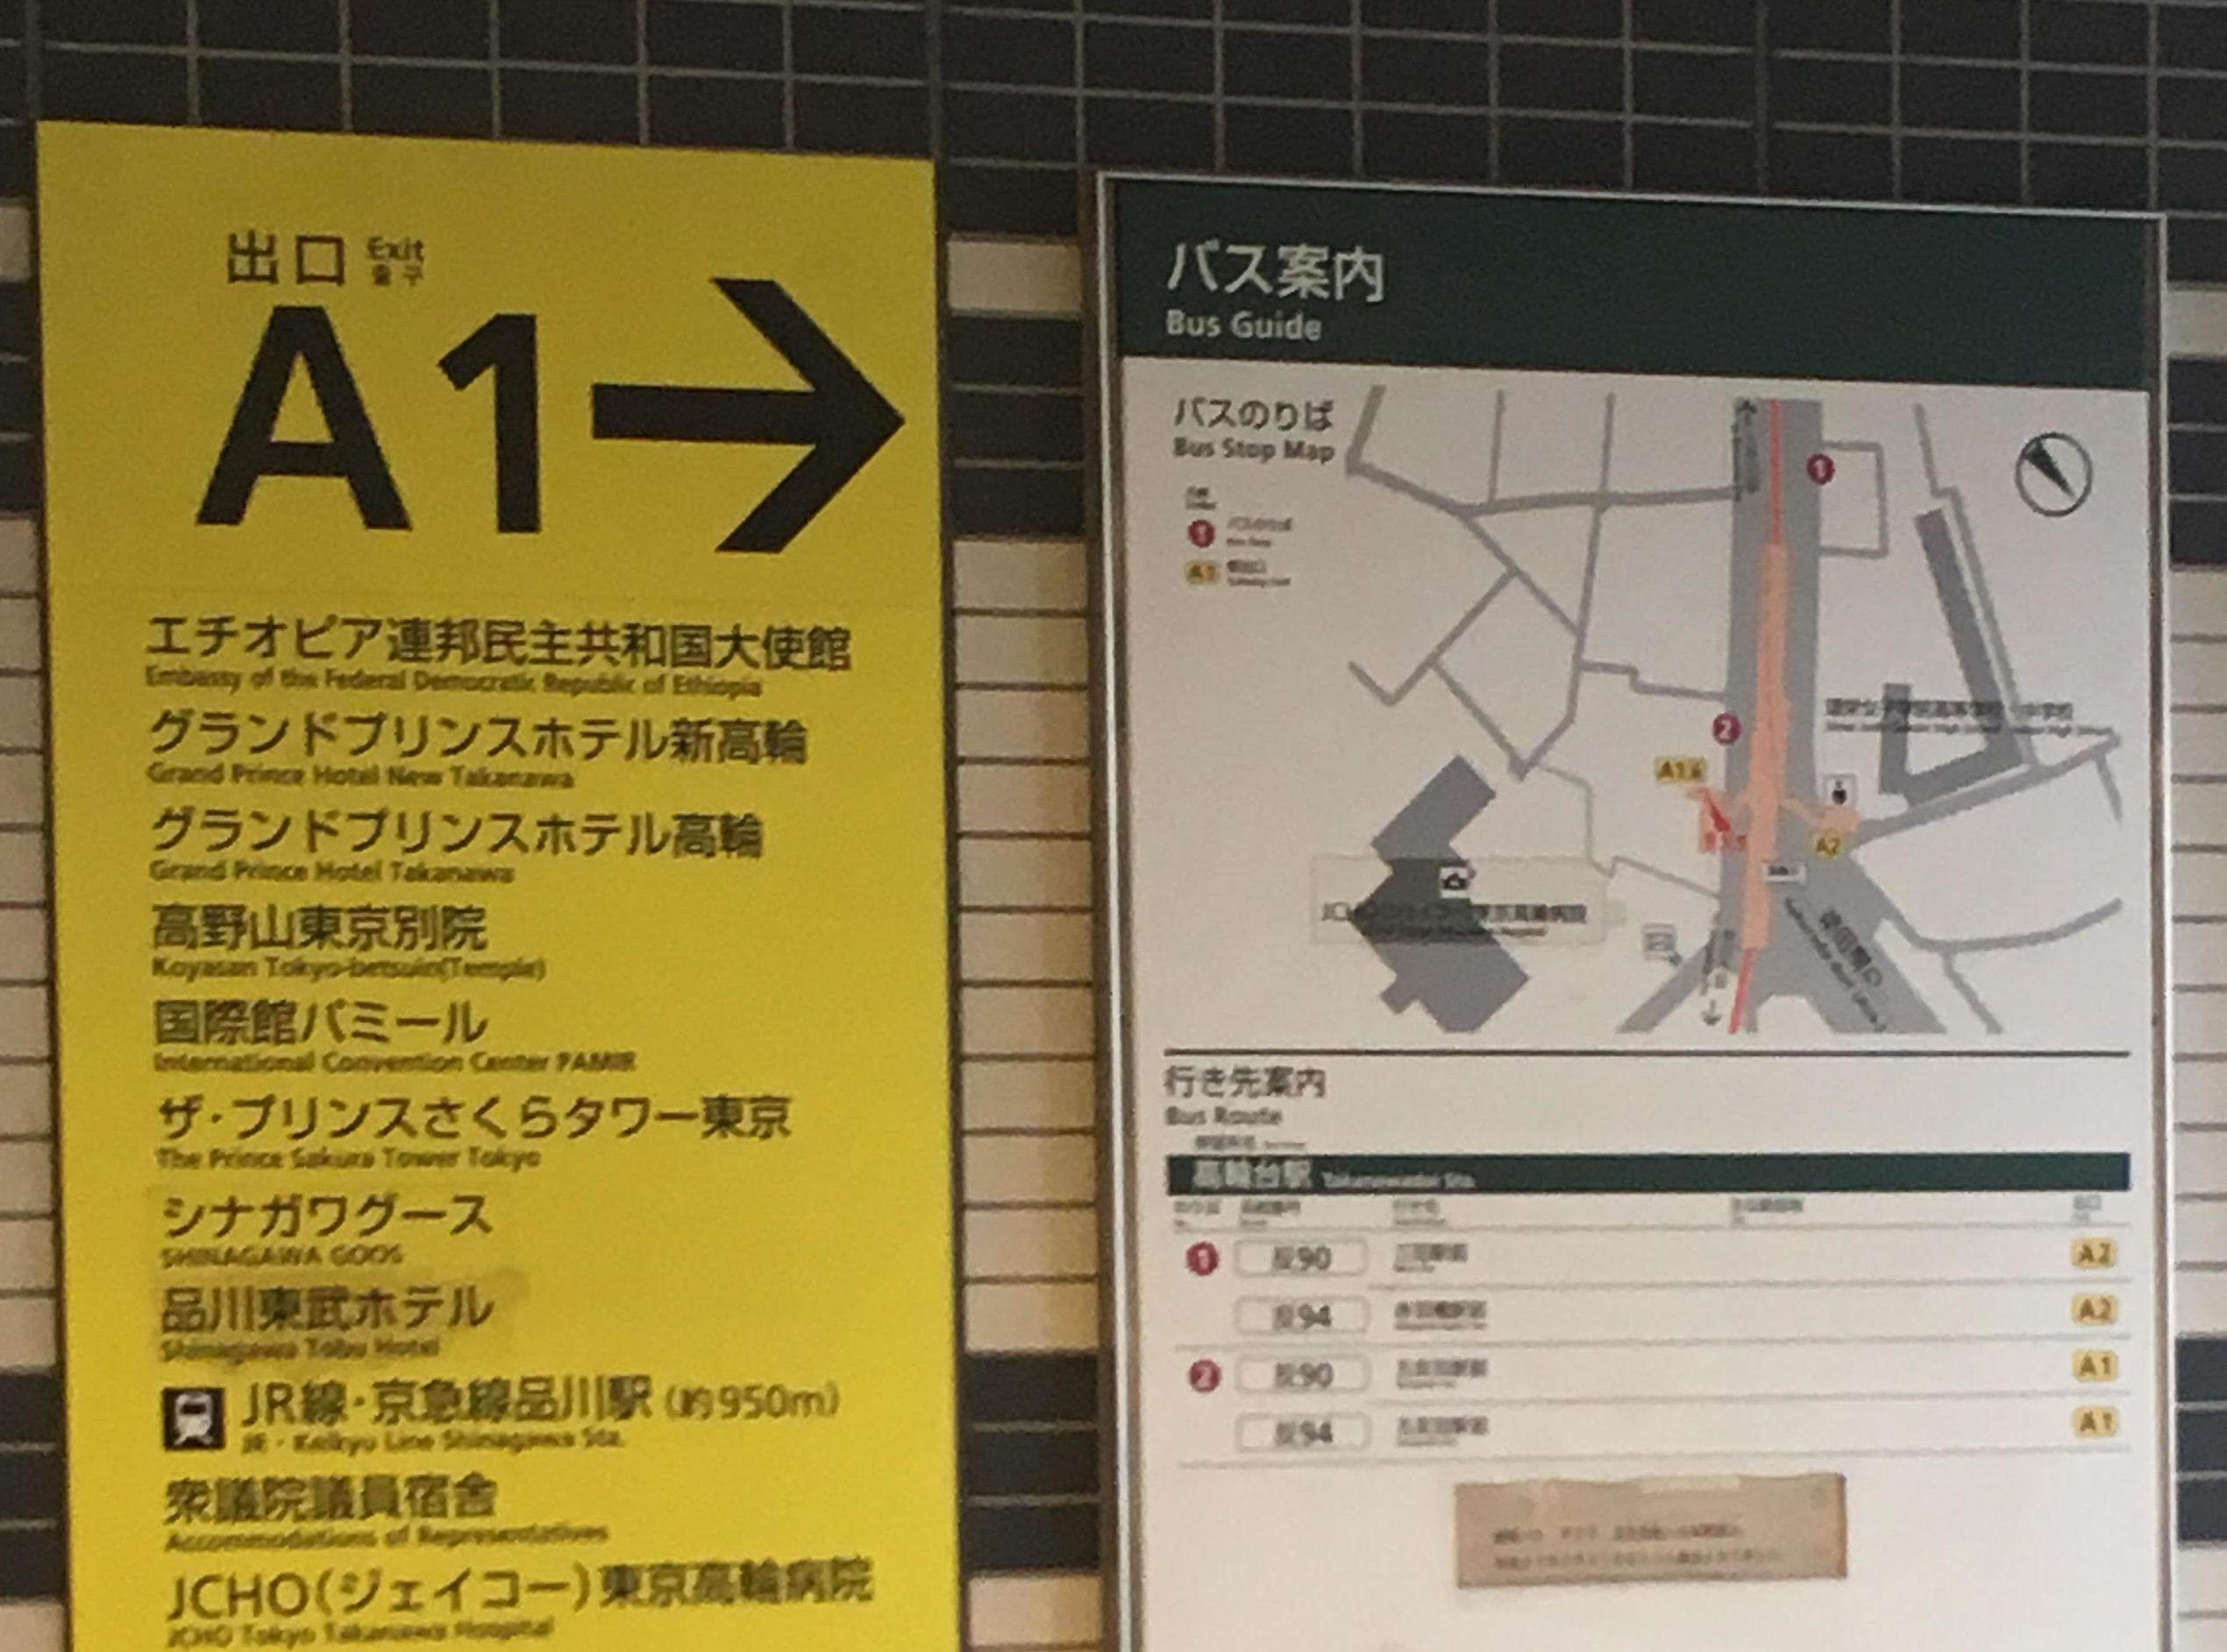 都営地下鉄 高輪台駅 A1出口